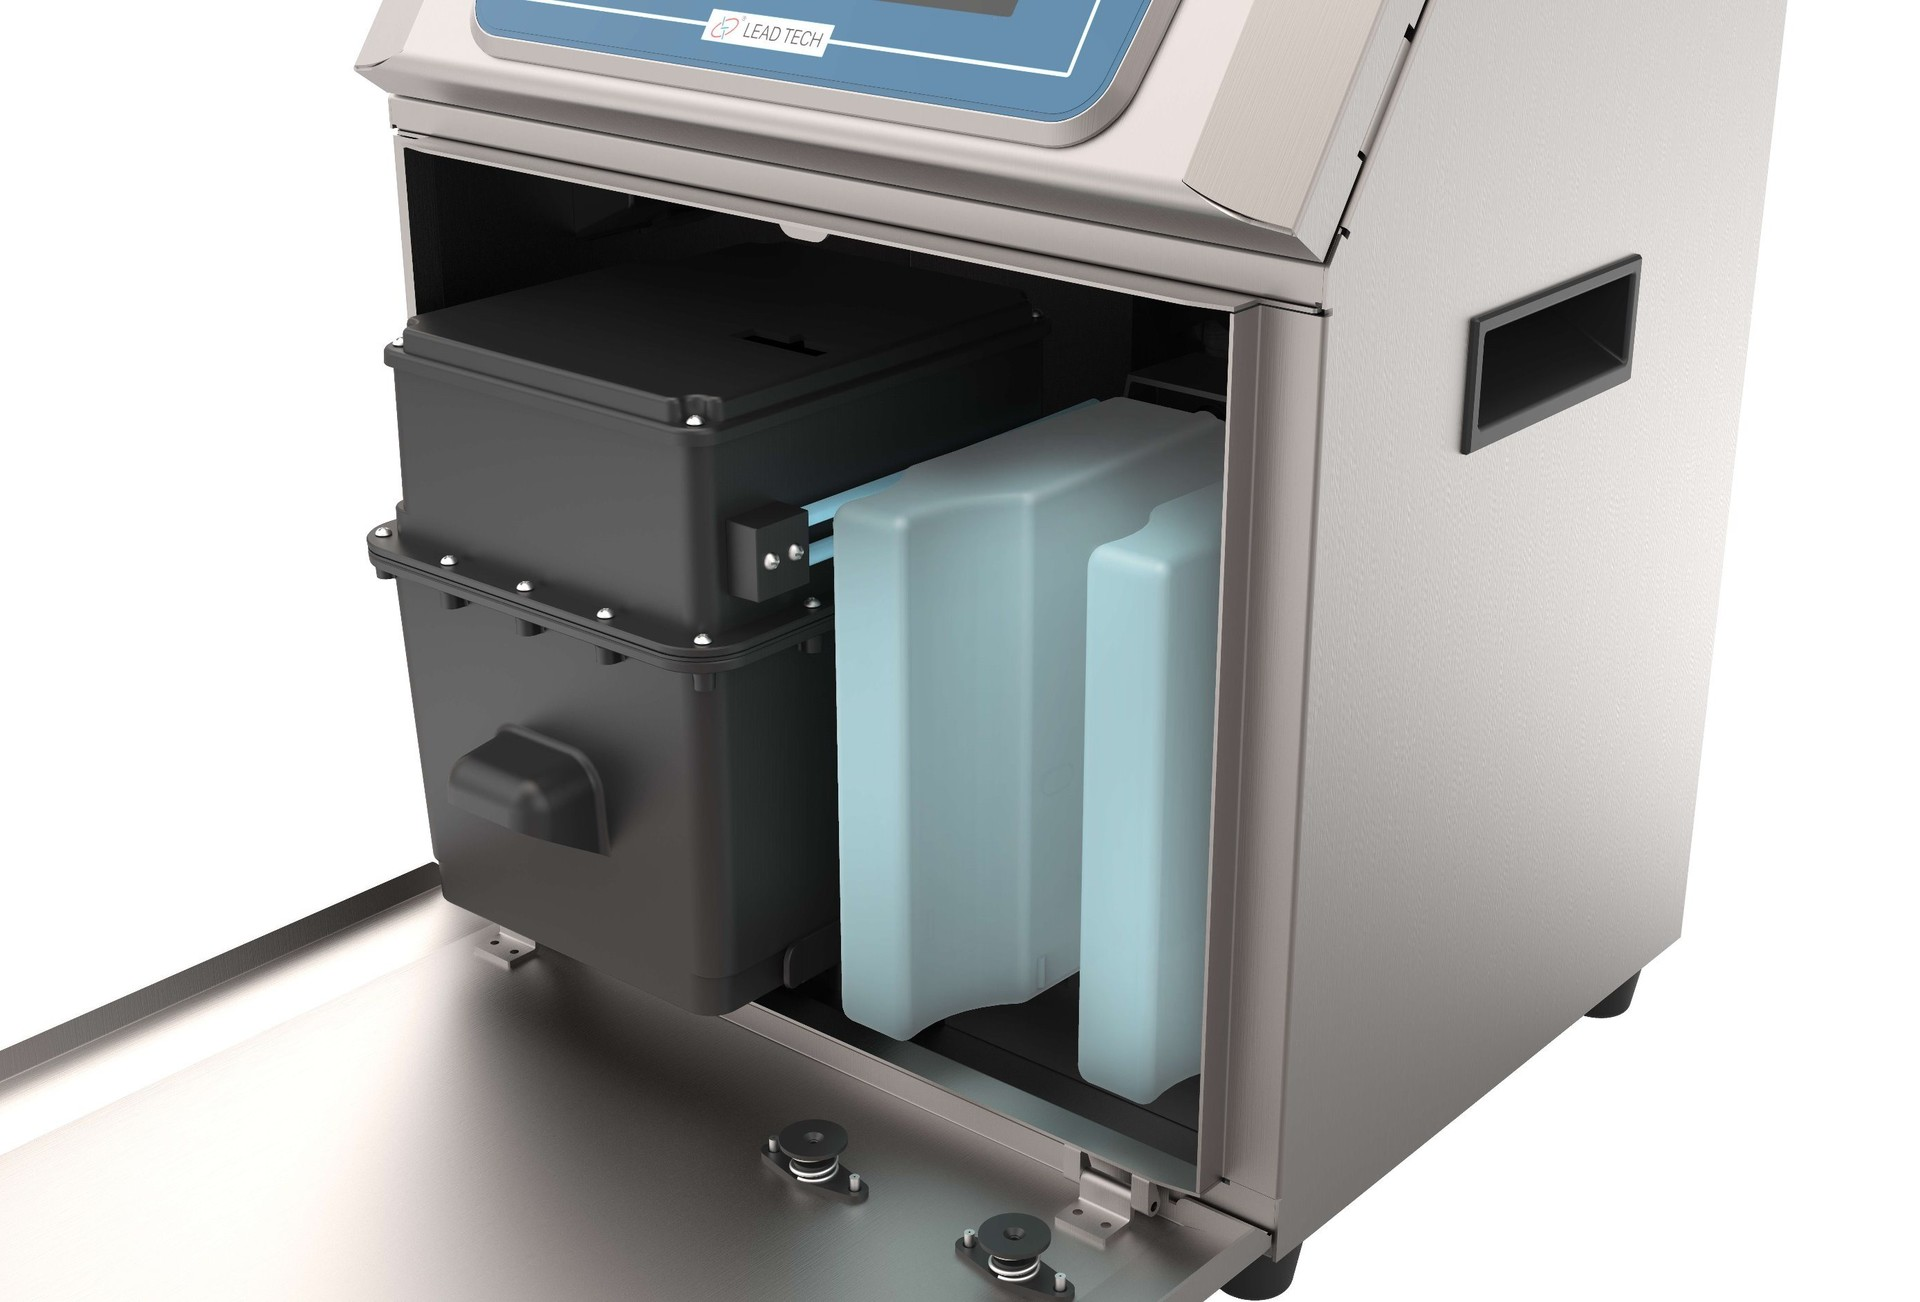 Lead Tech Lt800 Beverage Industry Date Time 2019 Hotsale Cij Ink Jet Printer